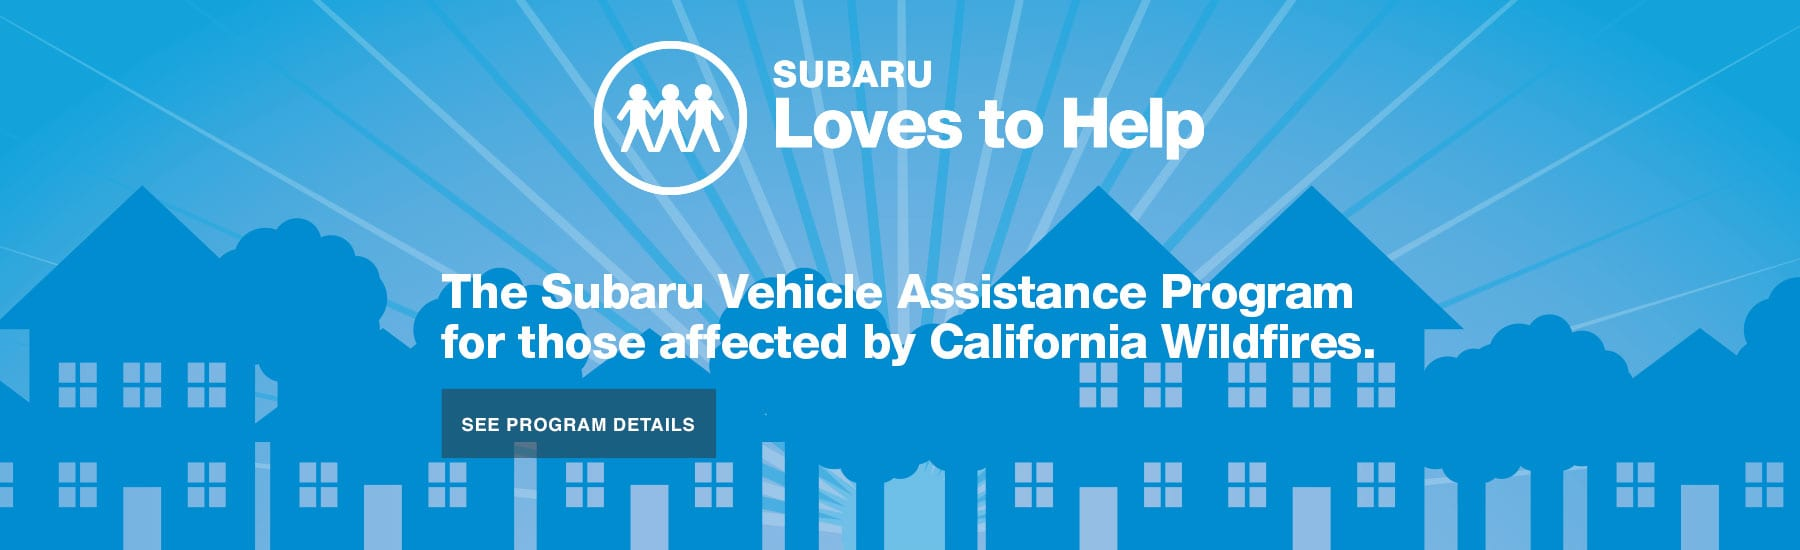 Subaru Orange Coast Dealership Santa Ana   Serving Orange CA